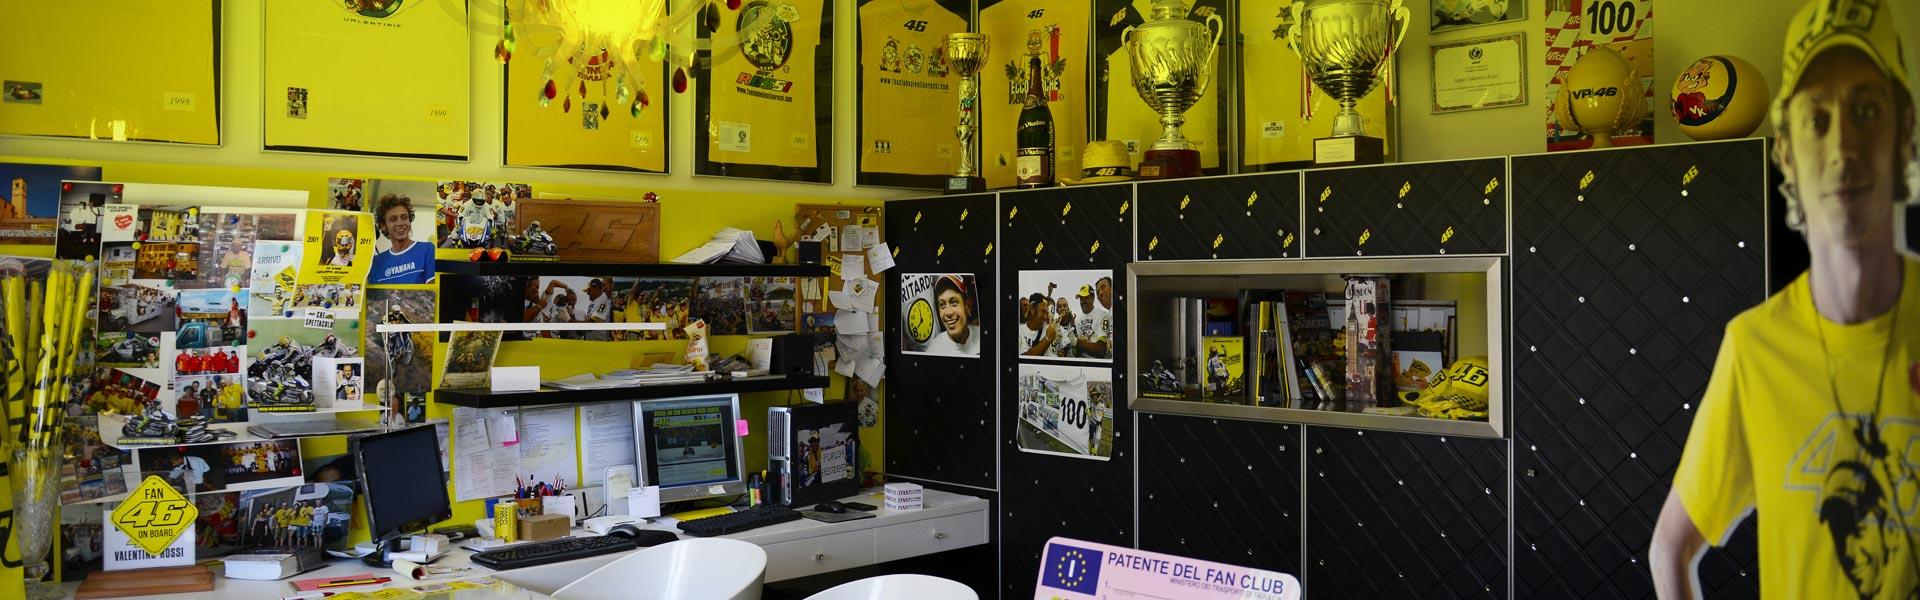 fan-club-banner